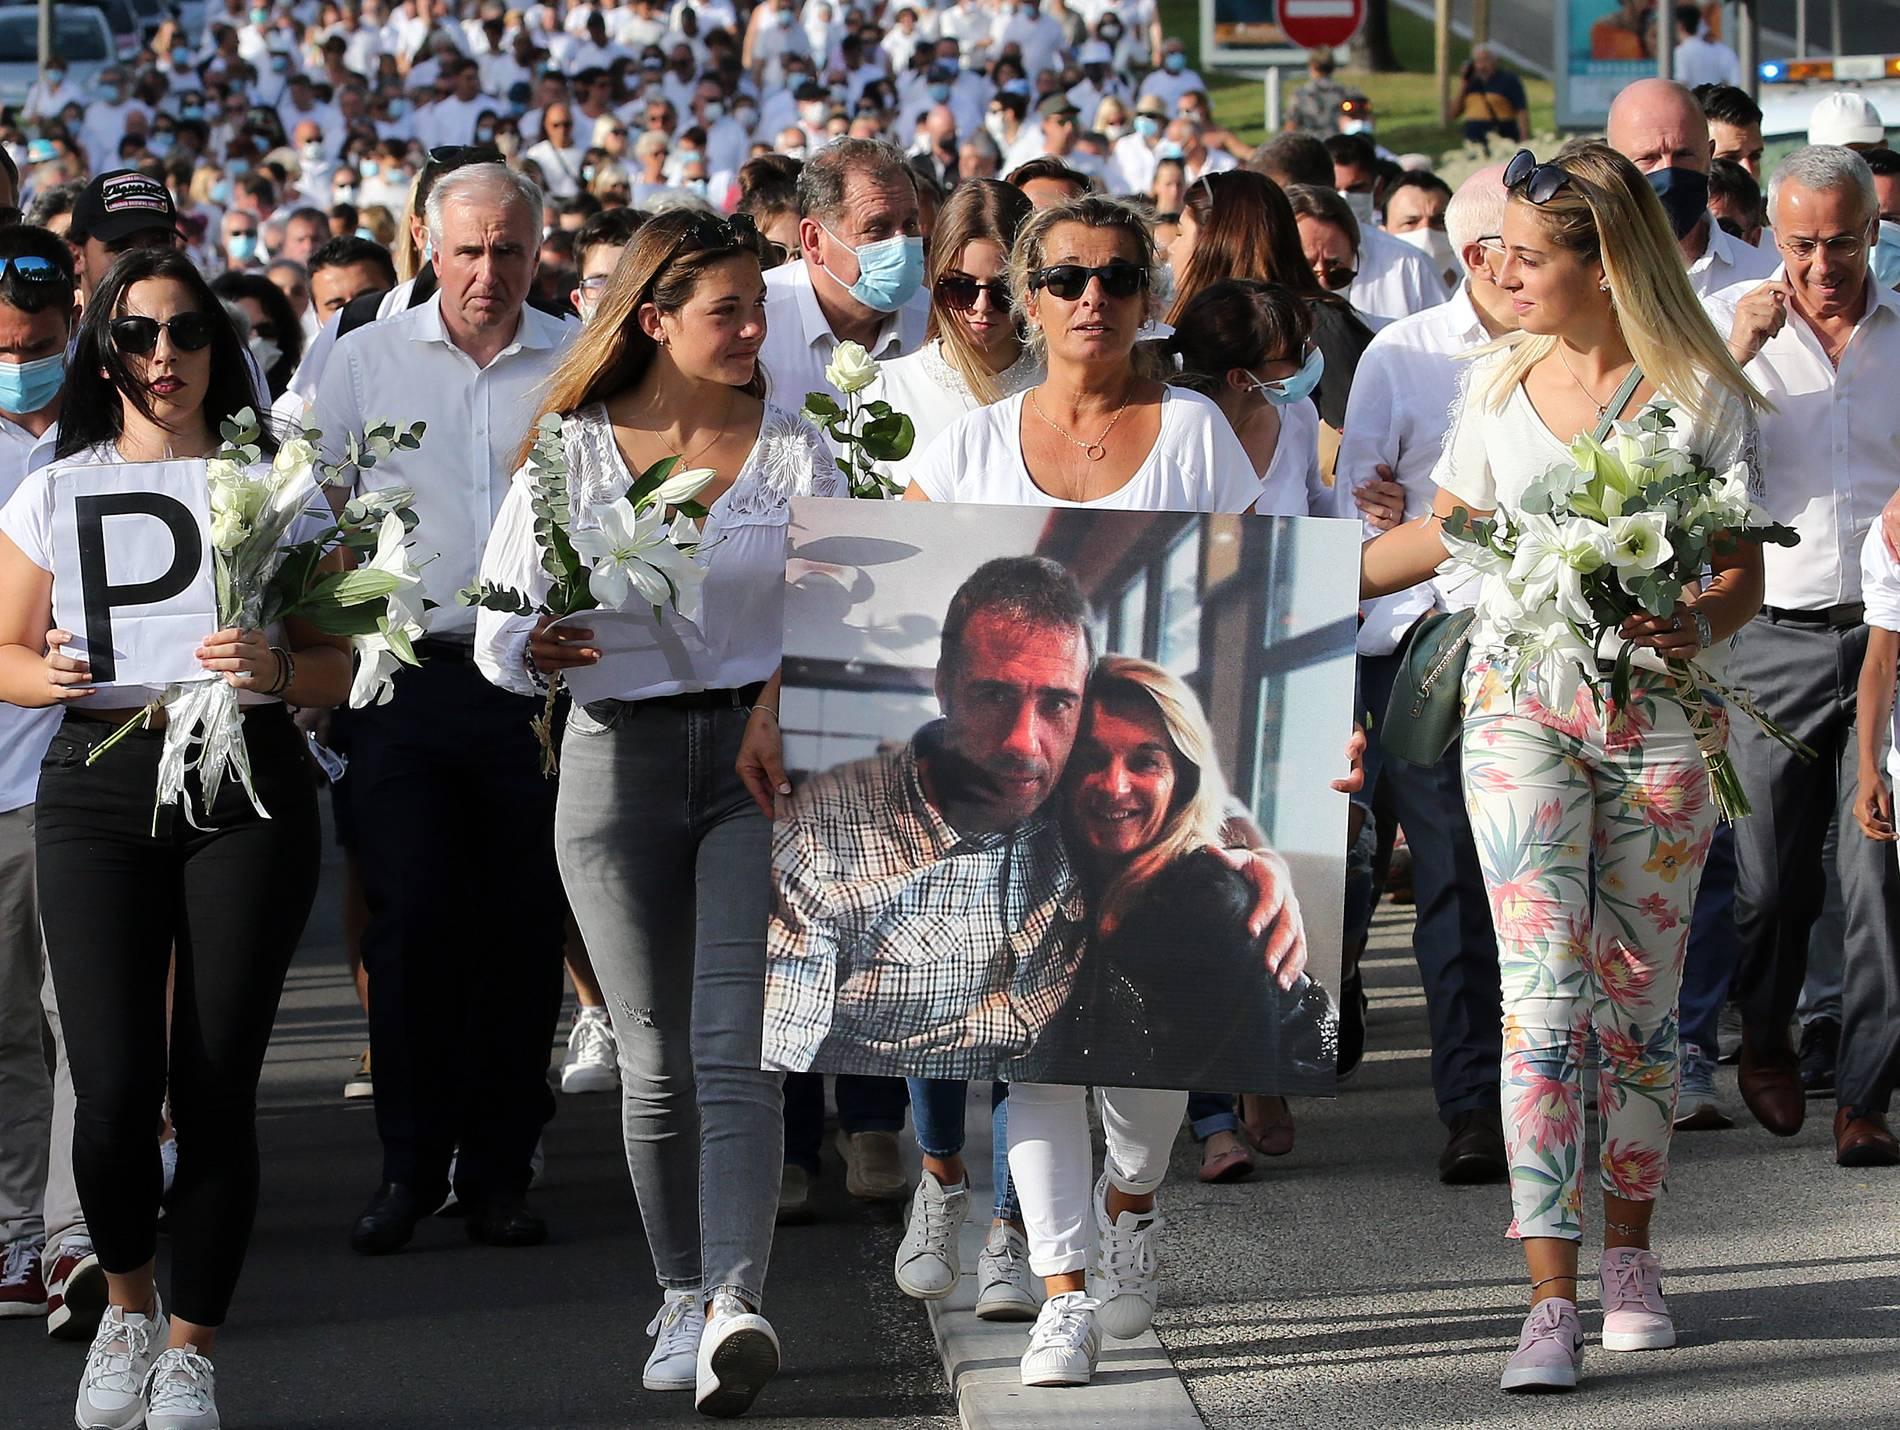 Busfahrer in Frankreich nach Corona-Angriff gestorben